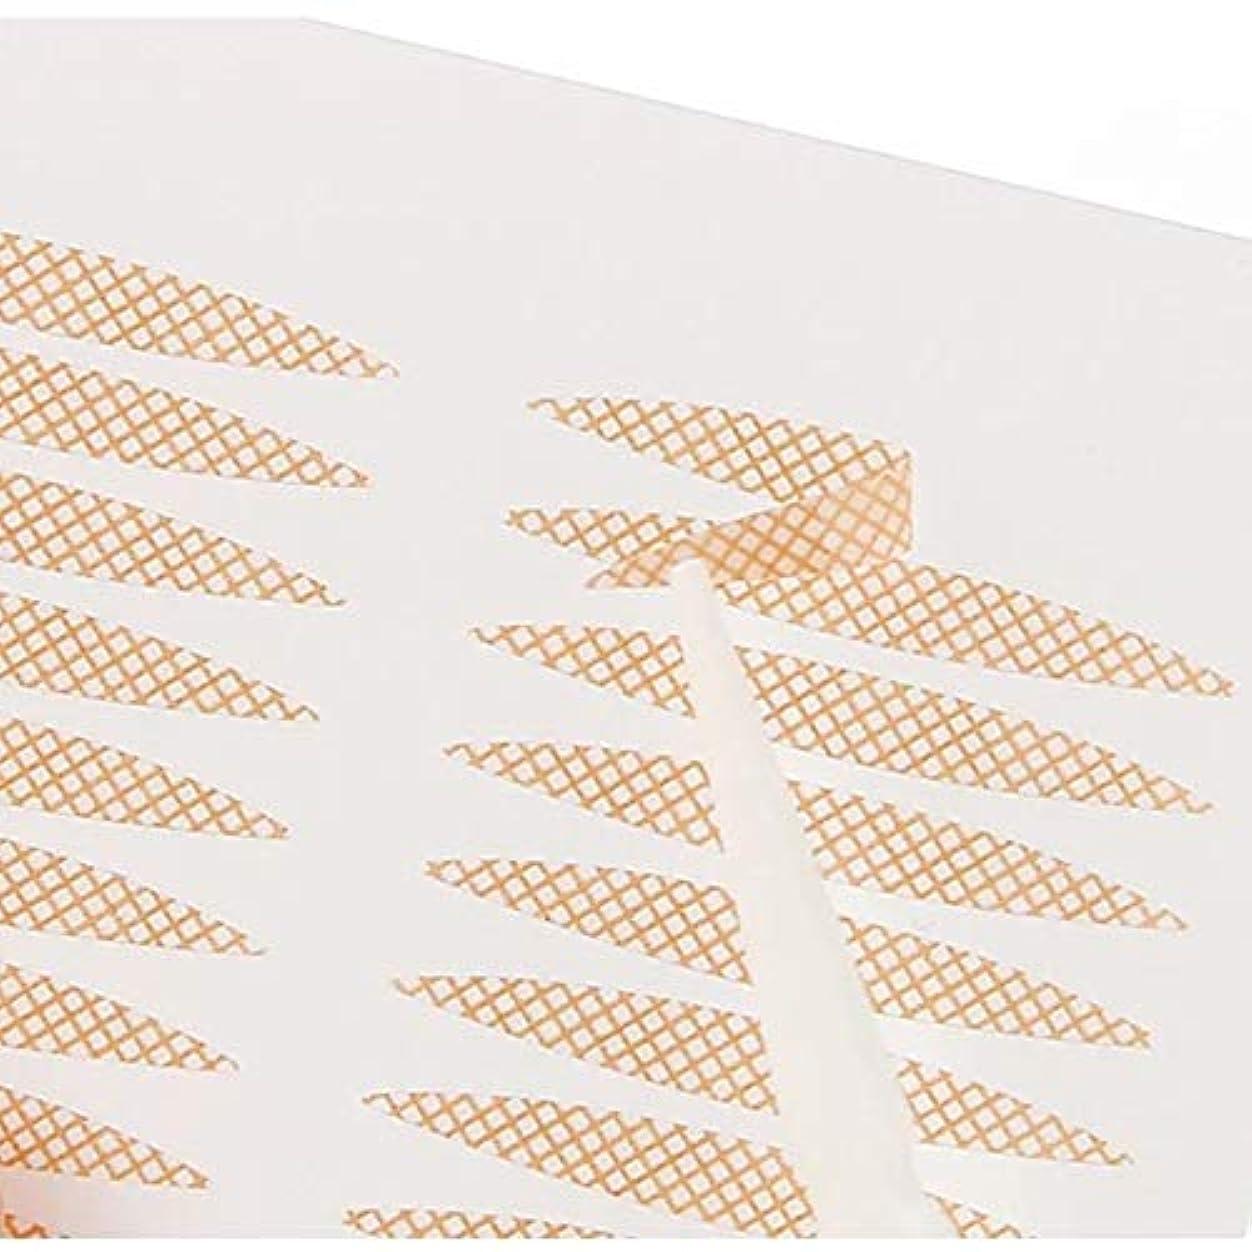 むしゃむしゃハプニングとまり木SweetSweetShop メッシュ式二重テープ 二重まぶた アイテープ ふたえまぶたテープ 癖付け 絆創膏タイプ 半月型 楕円型 240枚 120回分 4ヶ月分 プッシャー付き (混合タイプ232枚)